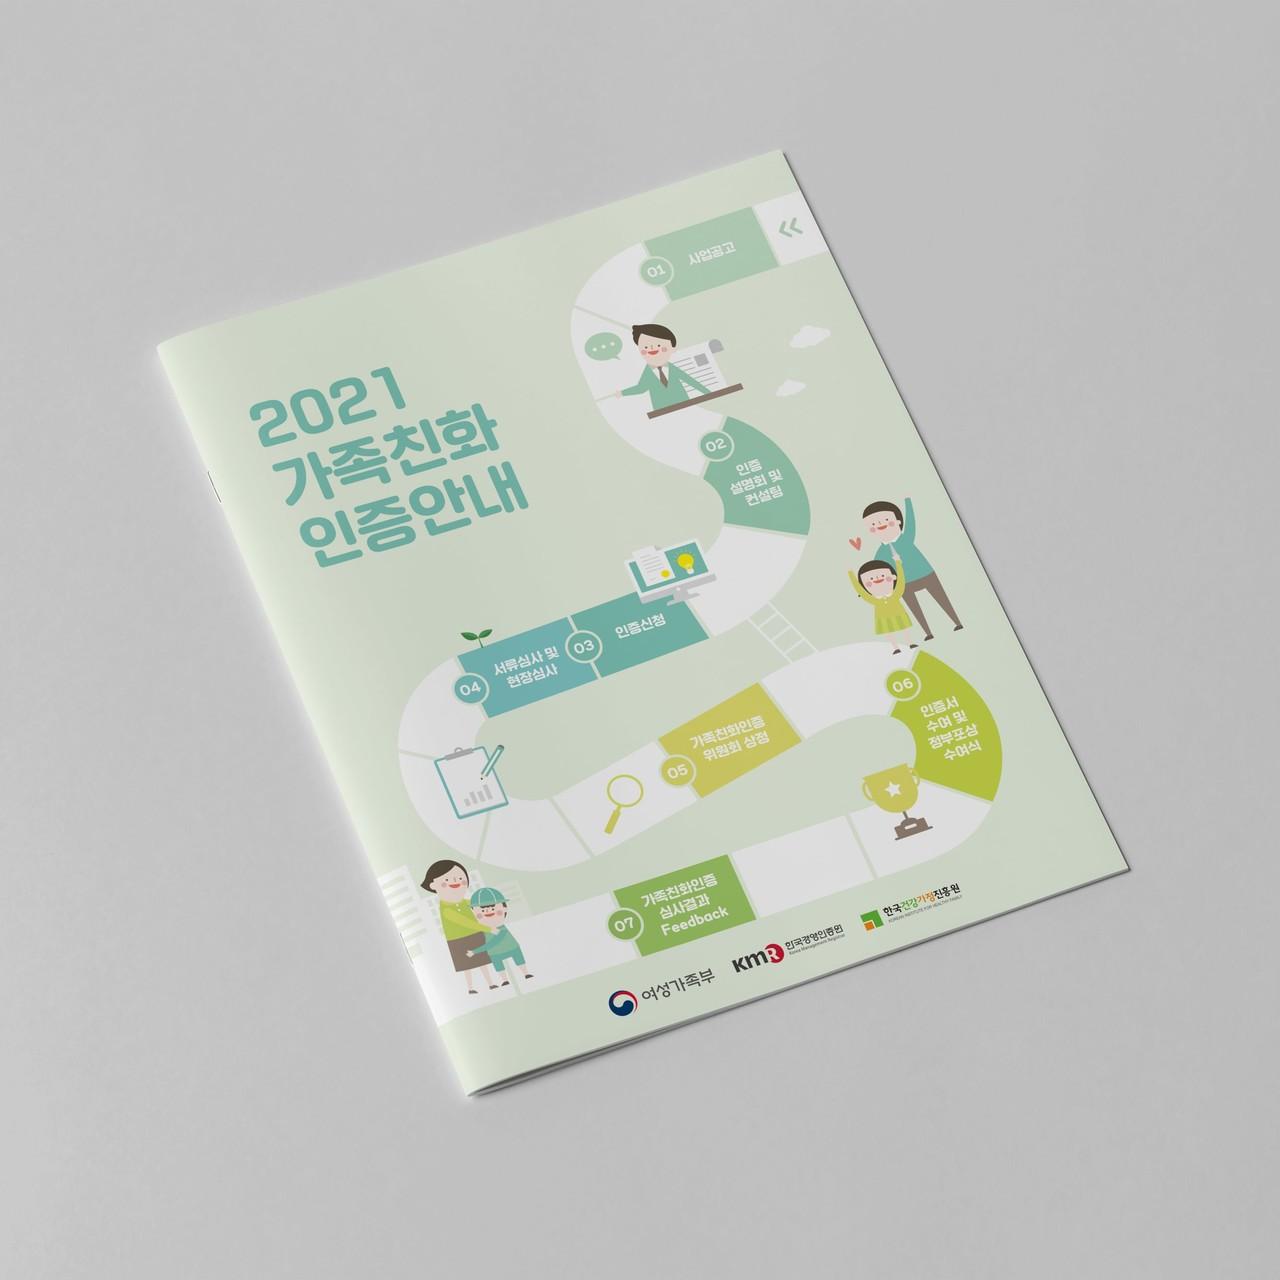 2021 가족친화인증안내 - 한국경영인증원